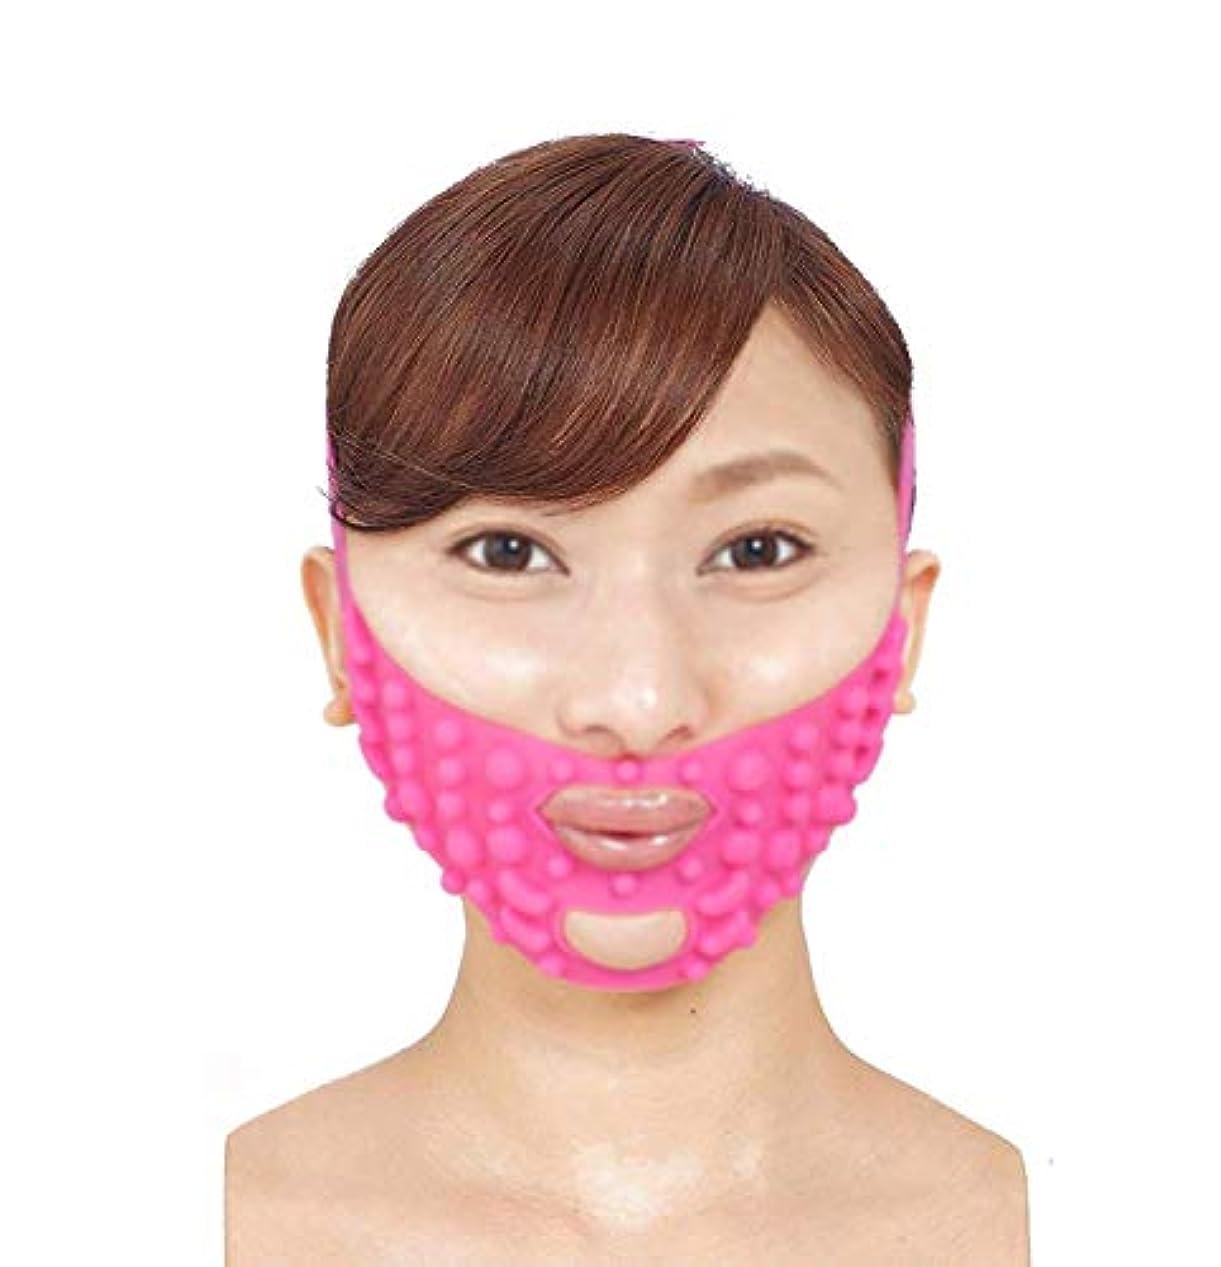 喪ブロー知恵フェイシャルマスク、リフティングアーティファクトフェイスマスク垂れ下がった小さなVフェイスバンデージ付きの顔 スリーピングフェイスダブルチンチンセットスリープエラスティックスリミングベルト